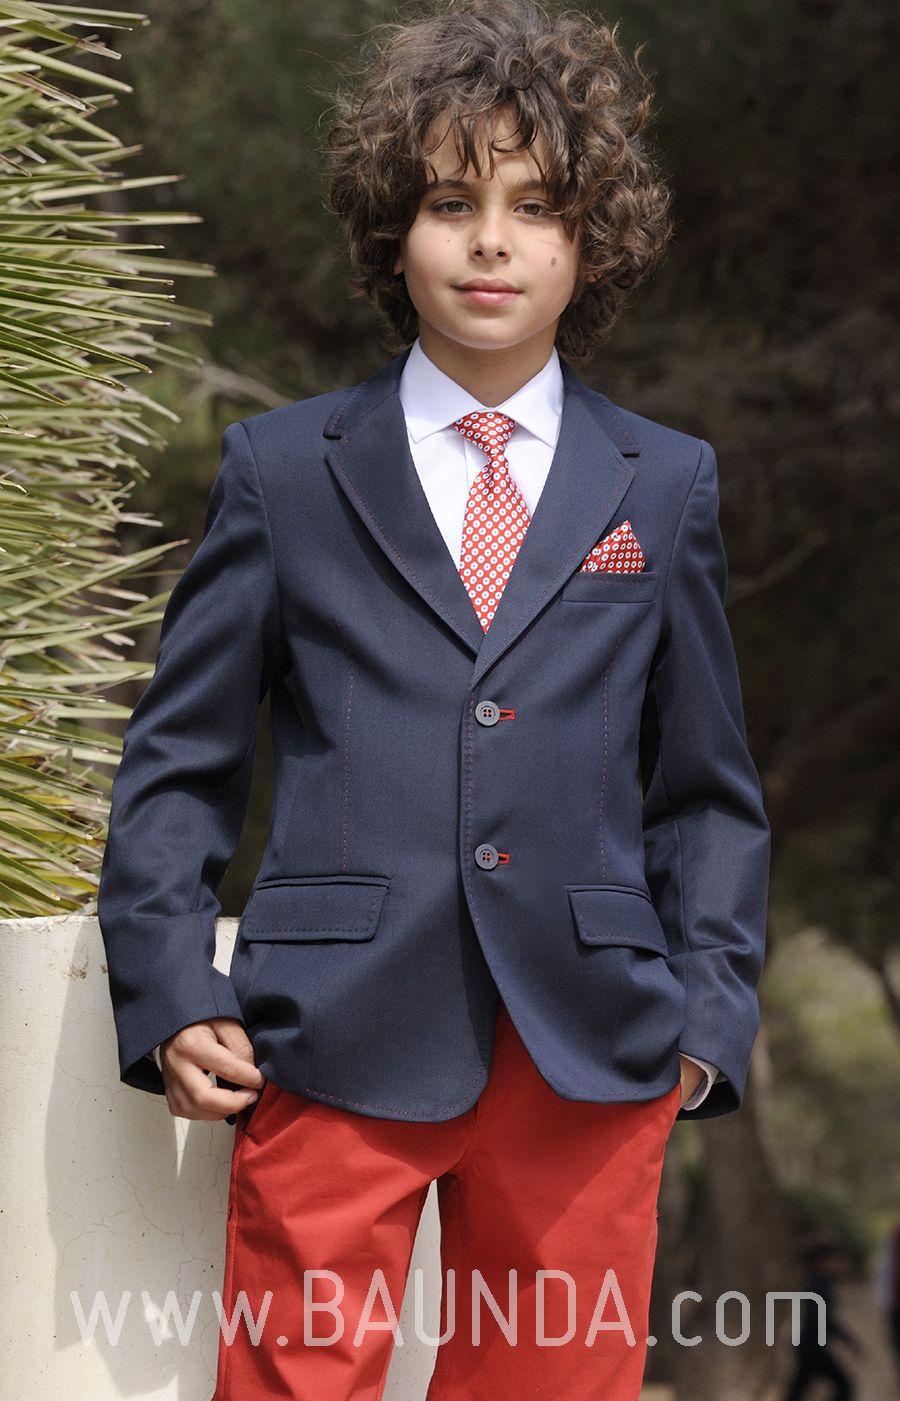 Traje de comunión rojo 2018 sport 1870 con chaqueta azul marina y ...